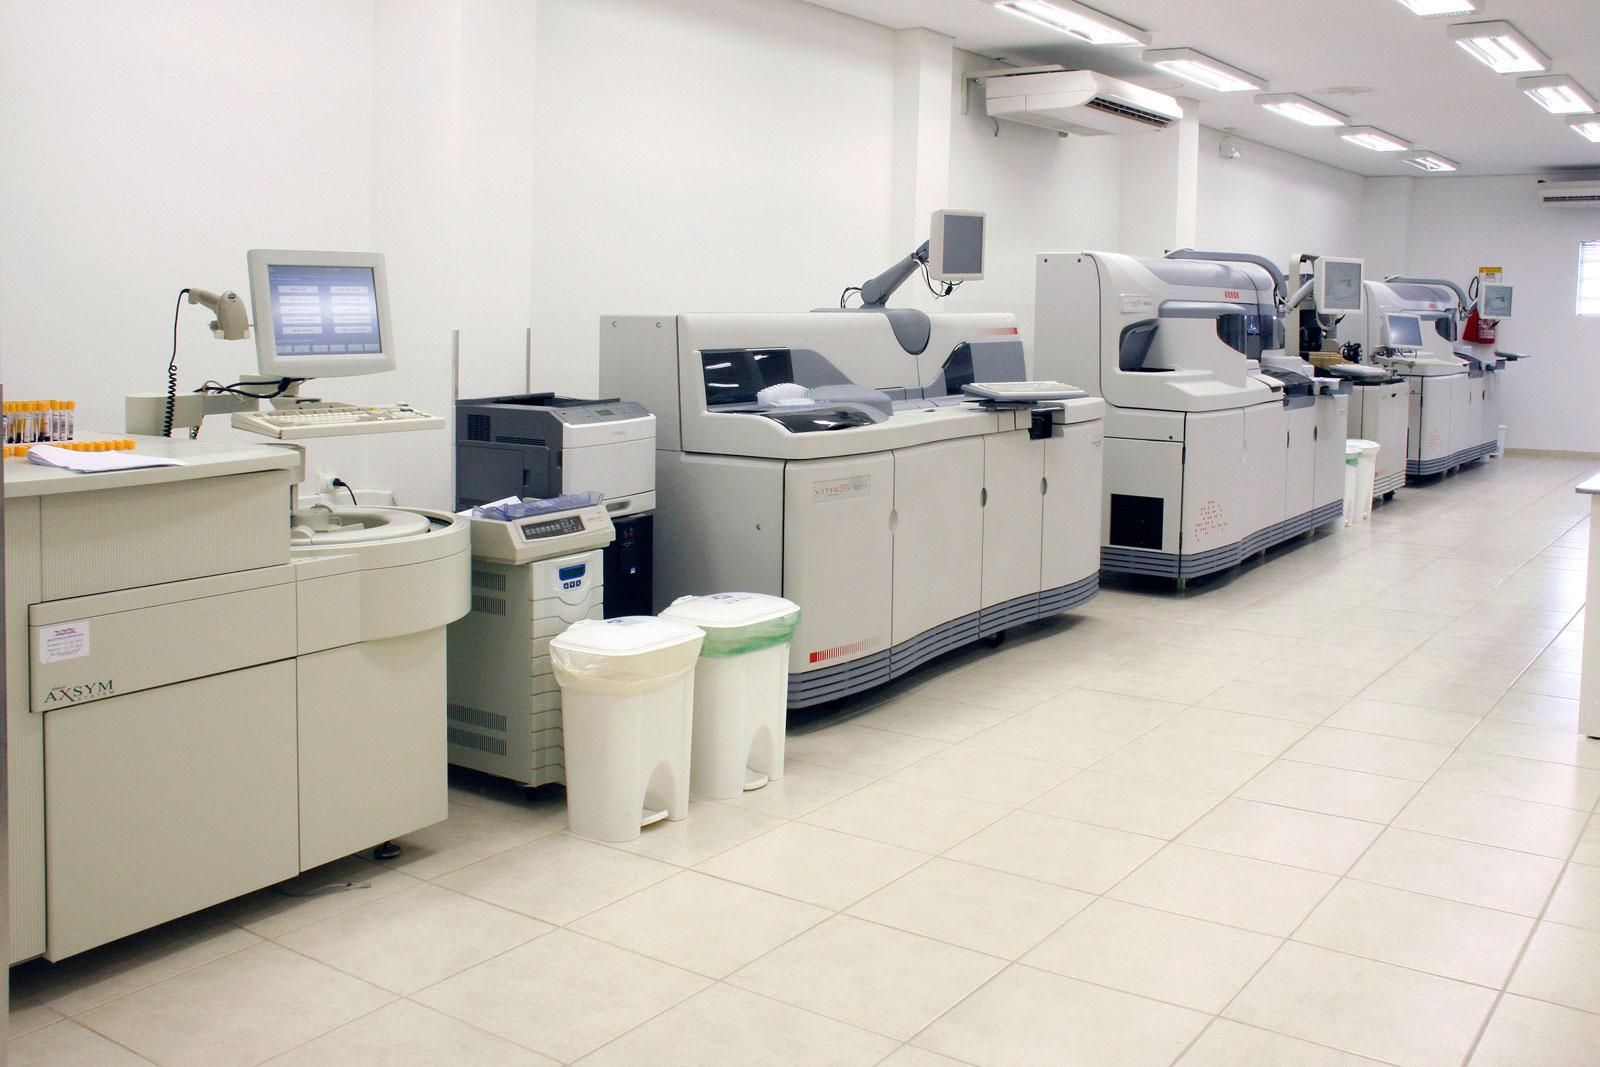 Imagem do Laboratório Marques D'Almeida